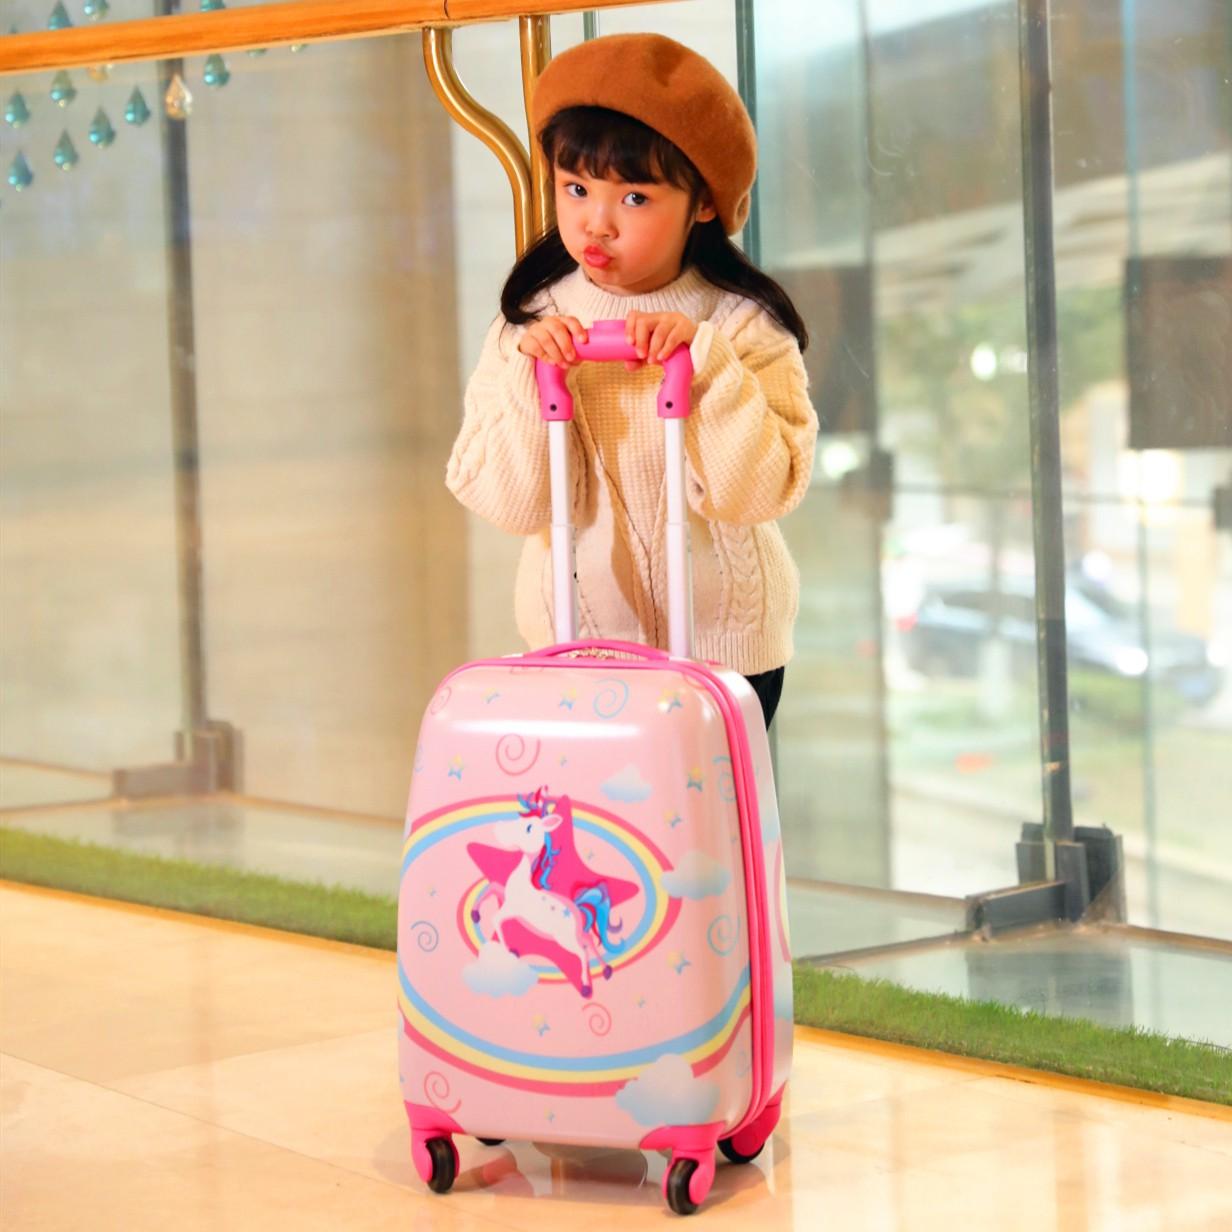 ☼⅜ กระเป๋าเดินทางพกพา  กระเป๋ารถเข็นเดินทางกระเป๋าเดินทางเด็ก รถเข็นเด็กกระเป๋านักเรียนแม่ 18 นิ้วน่ารักกระเป๋าเดินทางกร